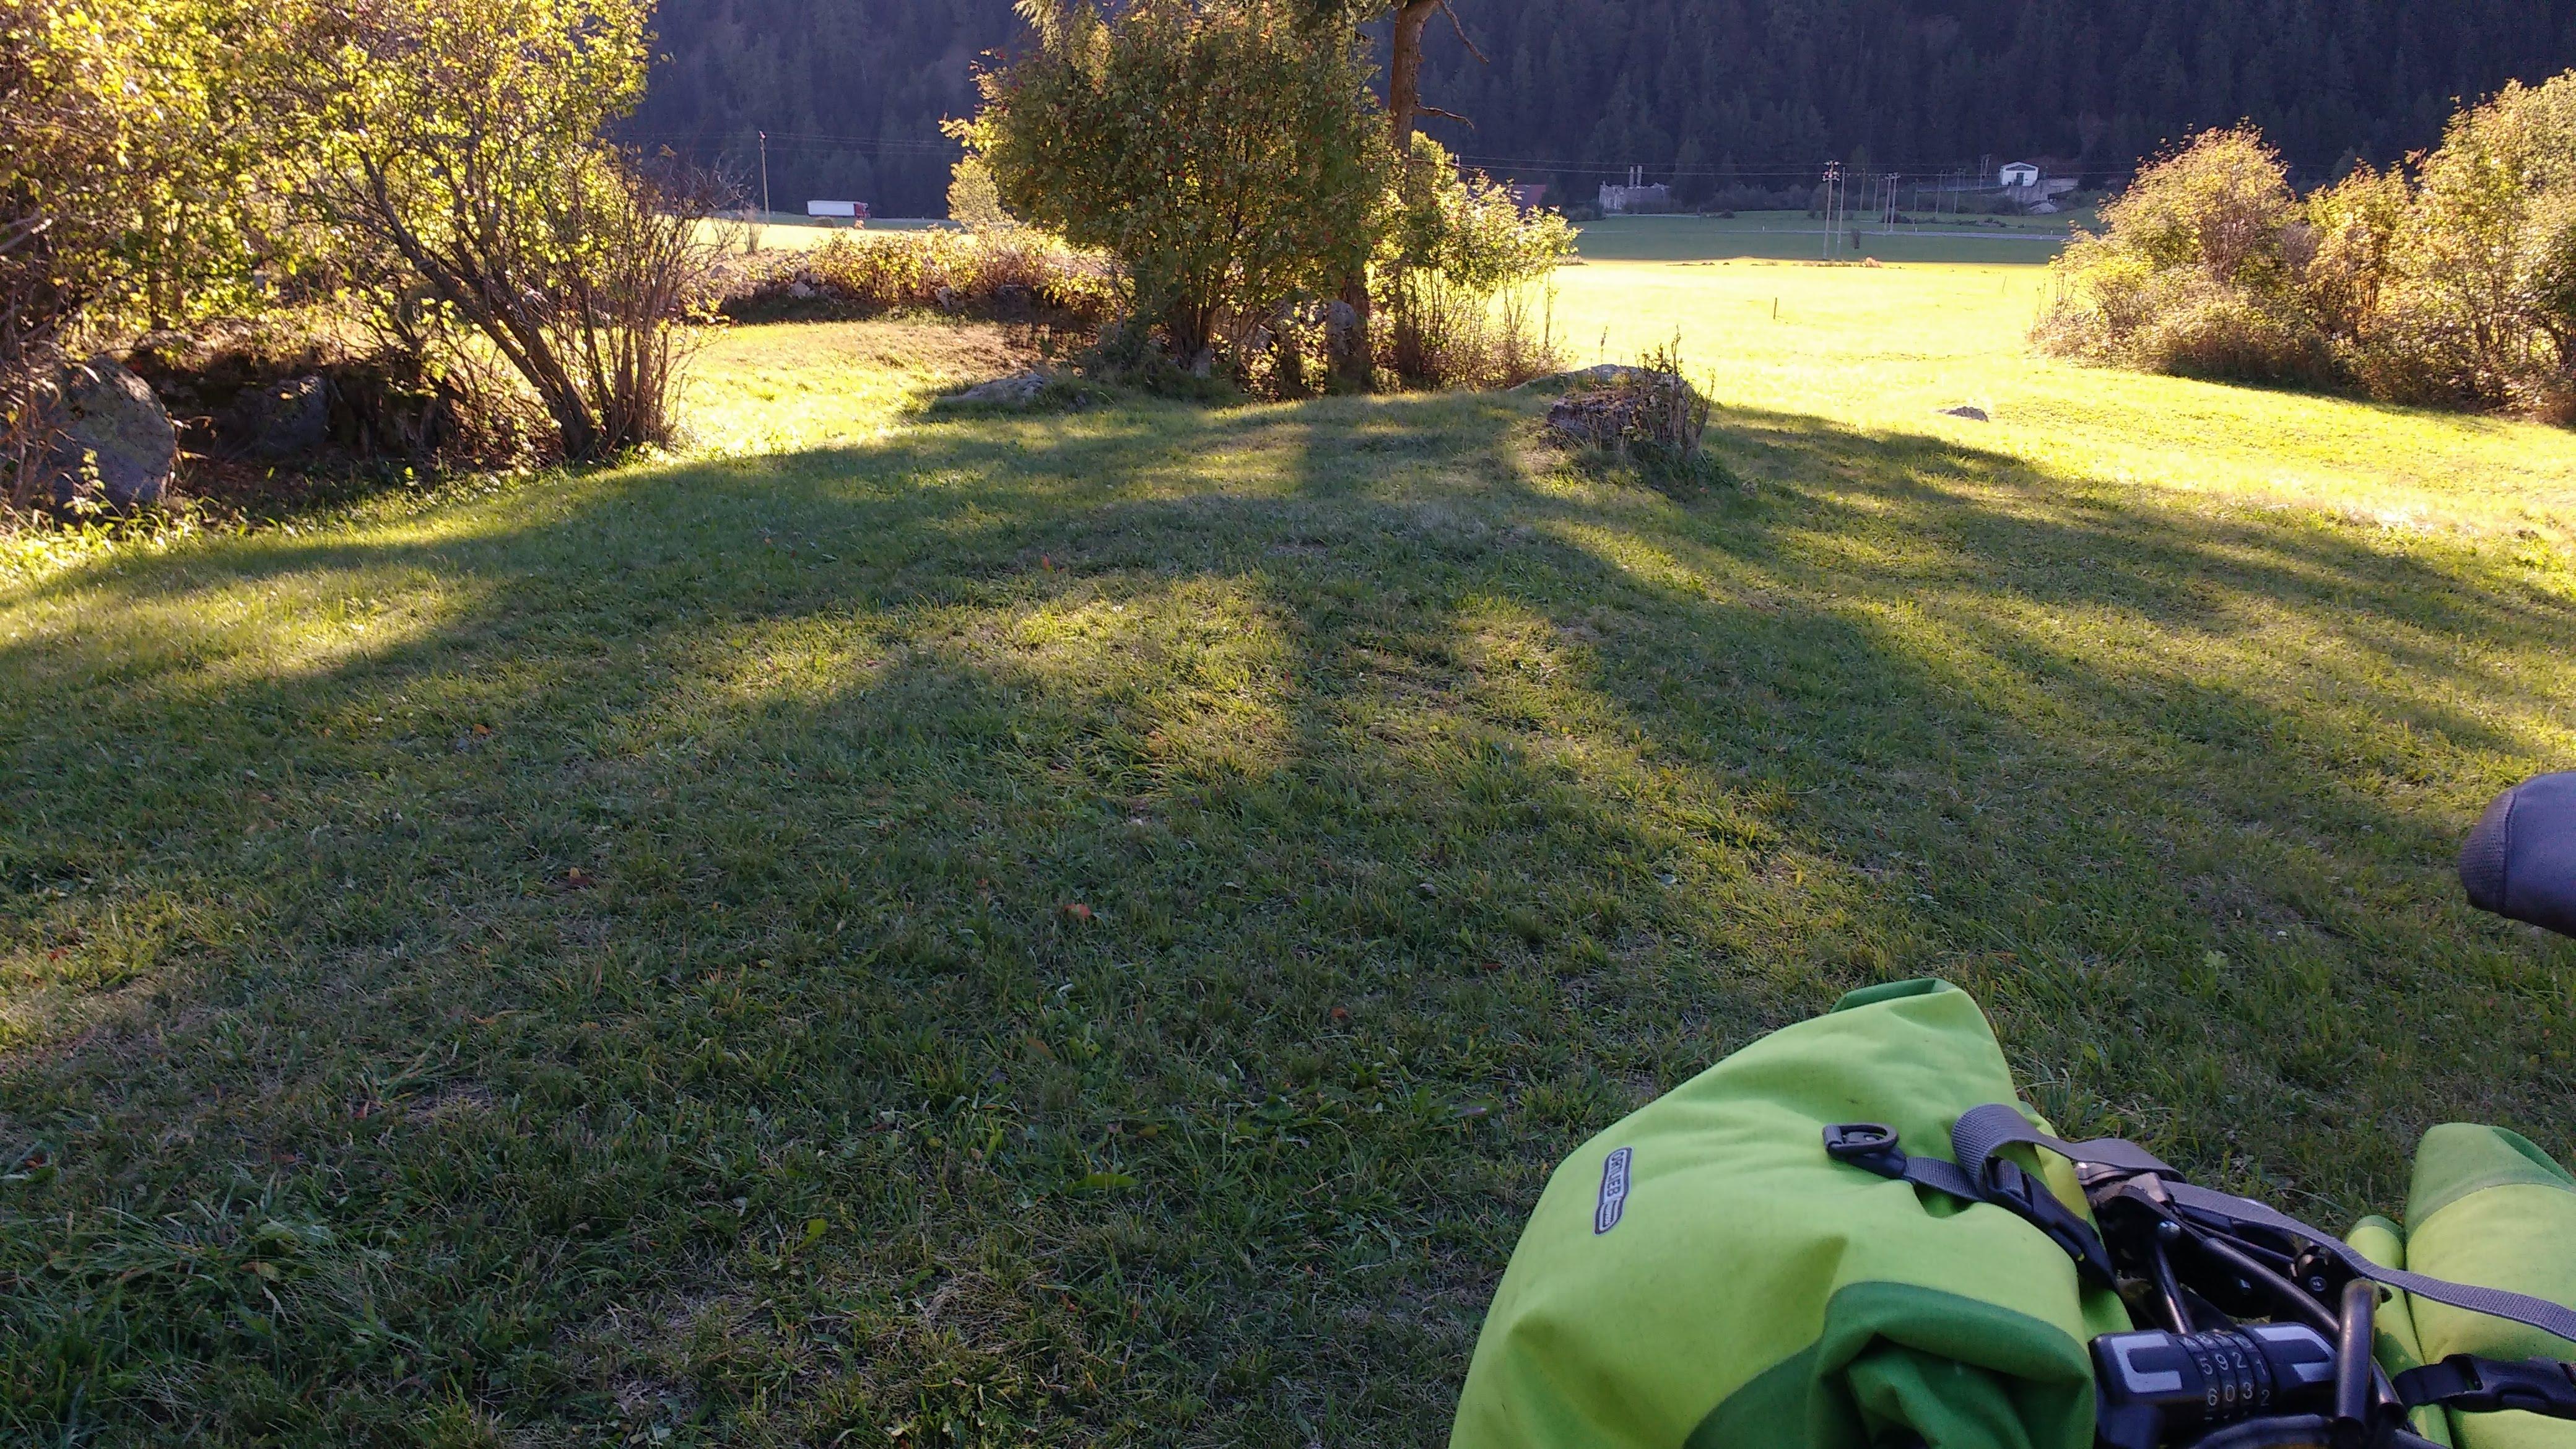 Fahrrad auf einer Wiese